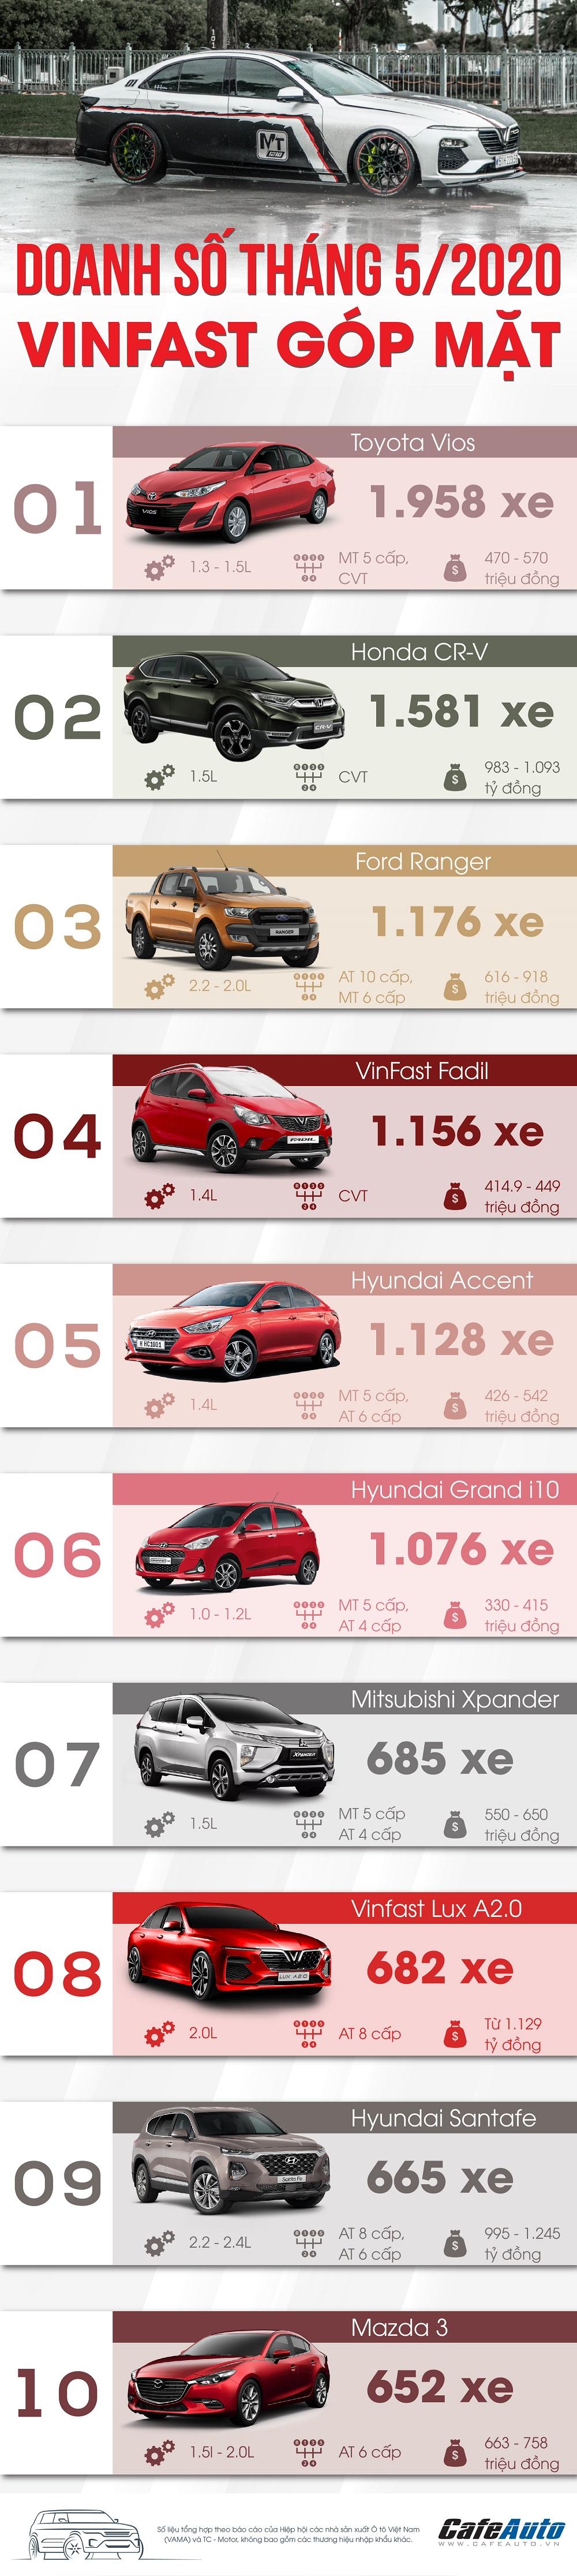 top-10-xe-thang-5-2020-vinfast-gop-mat